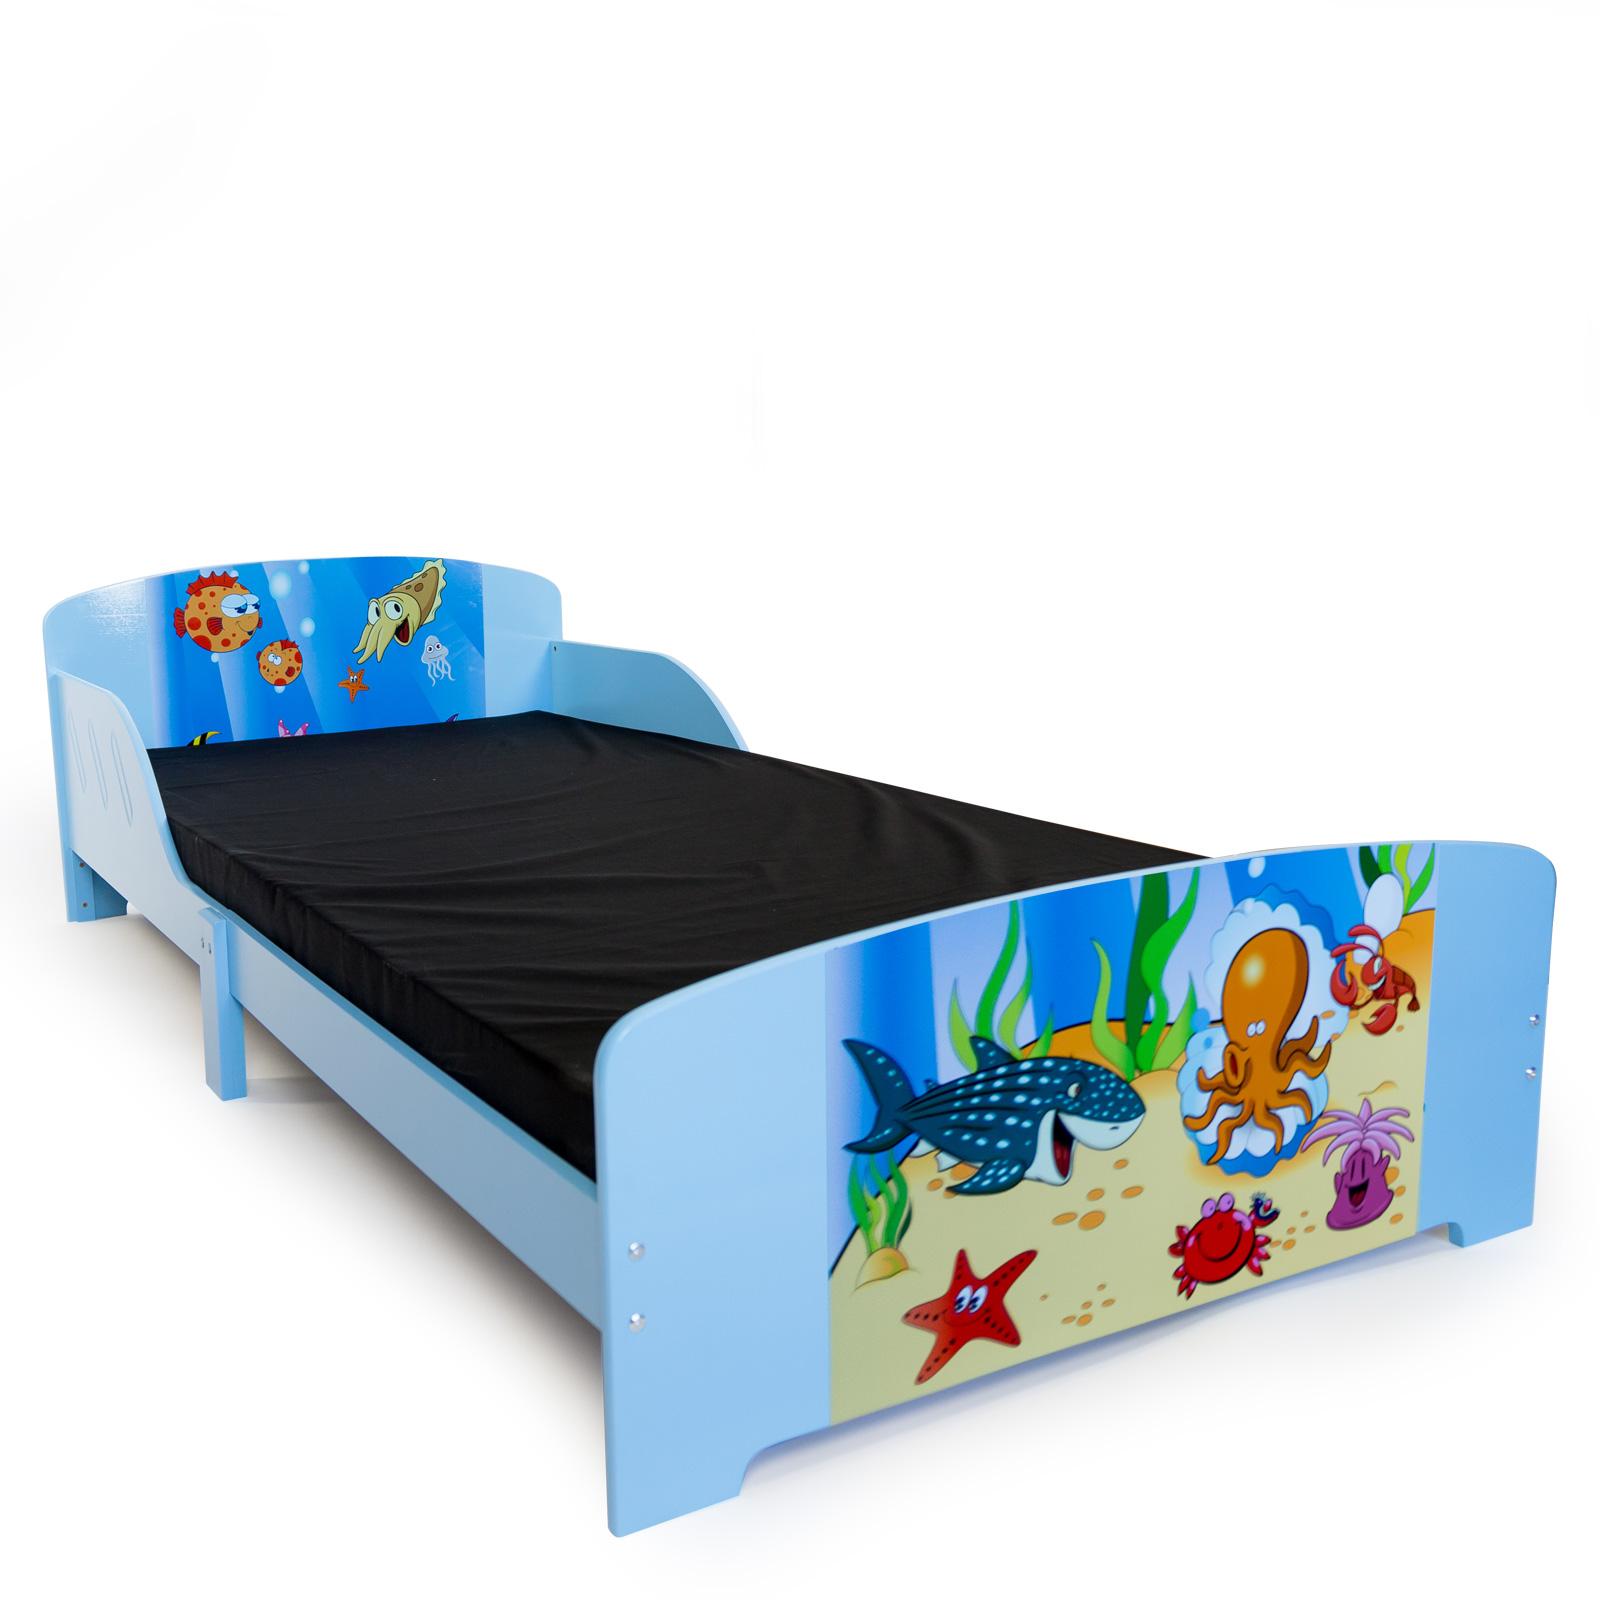 Full Size of Bett Mit Schubladen 90x200 Weiß Bettkasten Lattenrost Und Matratze Kiefer Betten Weißes Wohnzimmer Jugendbett 90x200